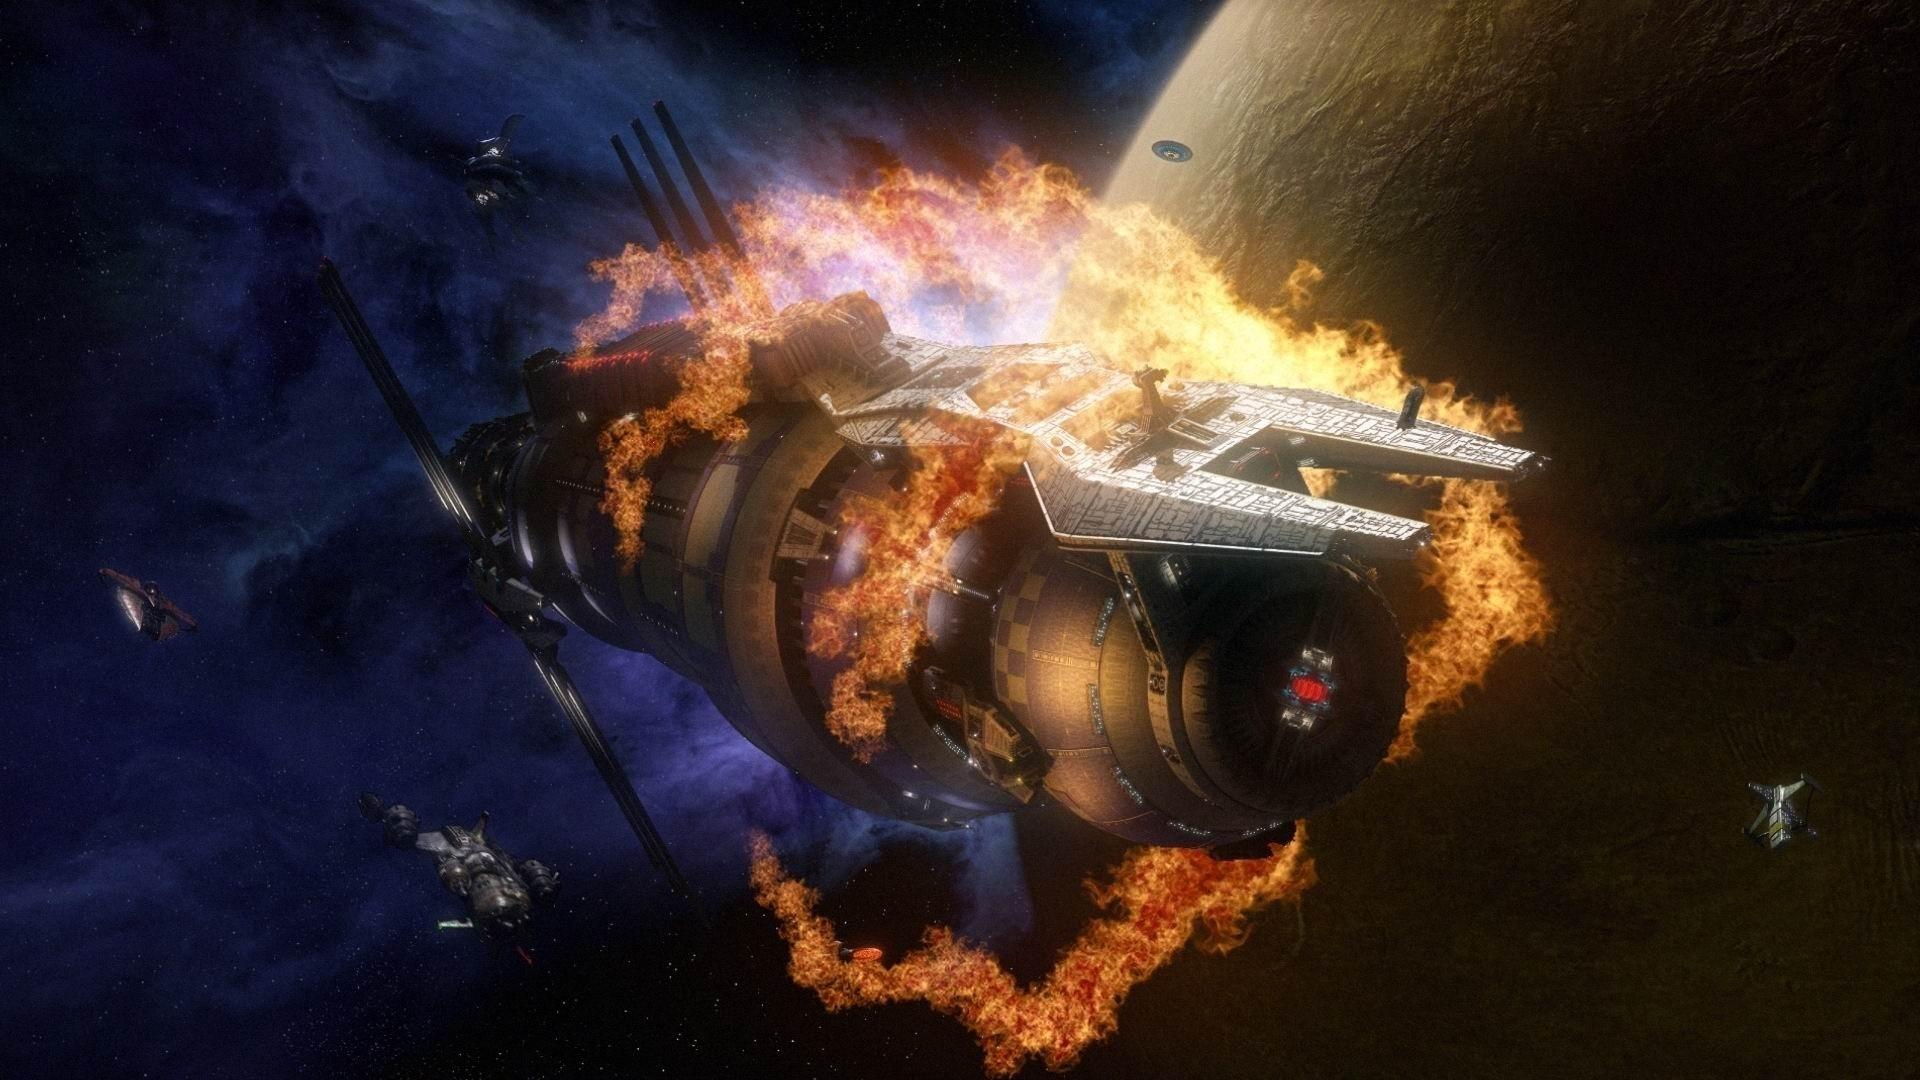 spacecraft found over pentagon - HD1920×1080